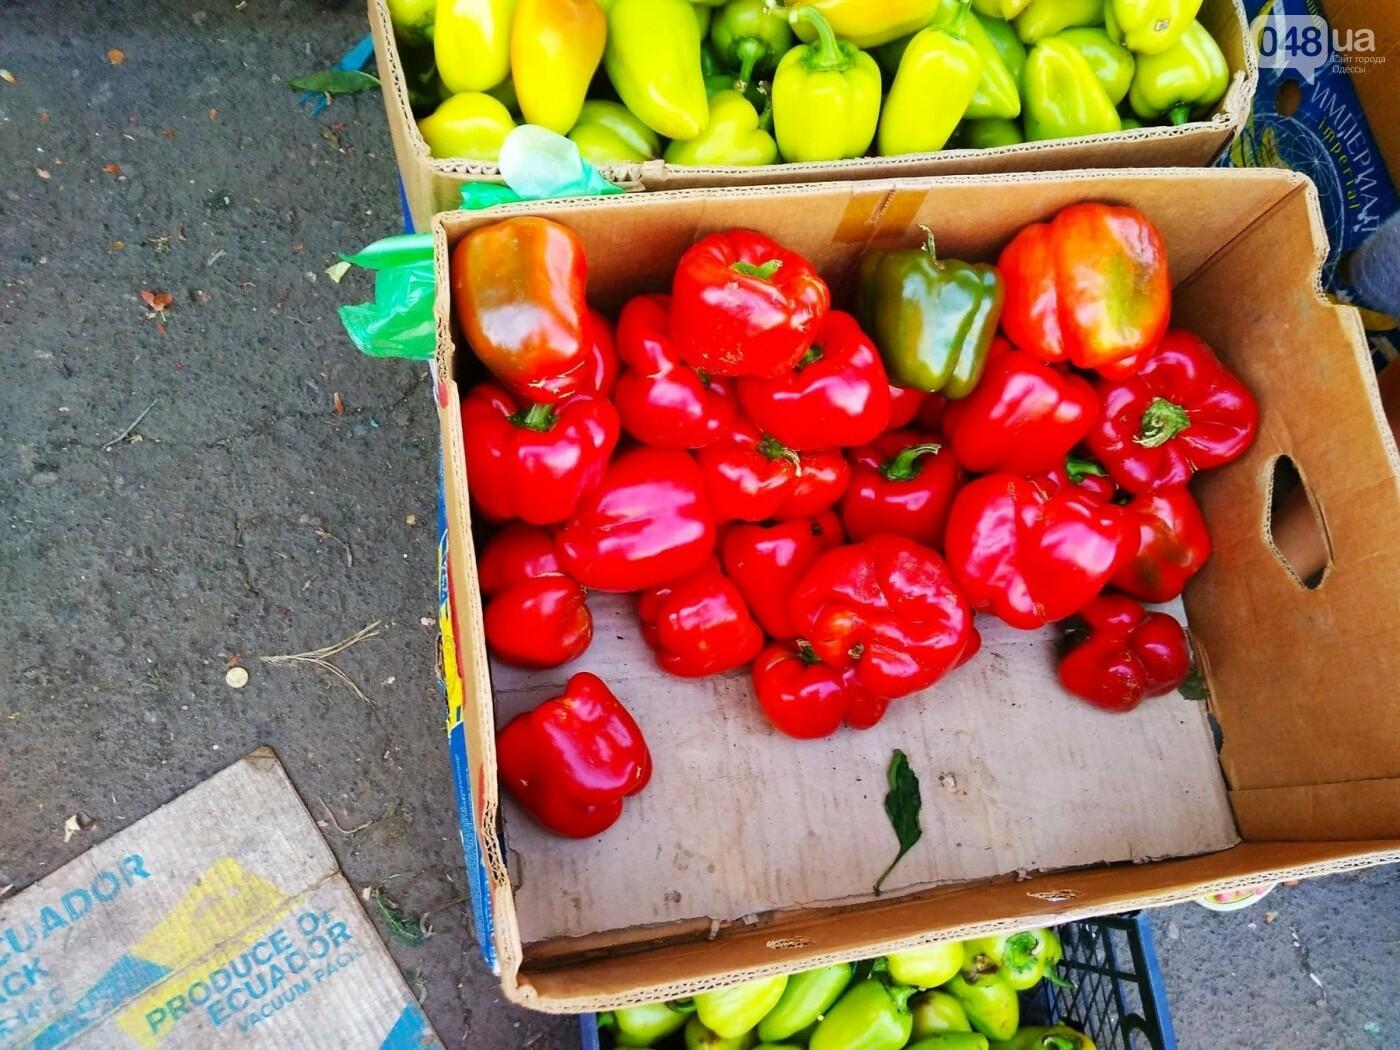 Ищем, где дешевле в Одессе: обзор цен на продукты на рынках Котовского, - ФОТО, ИНФОГРАФИКА, фото-2